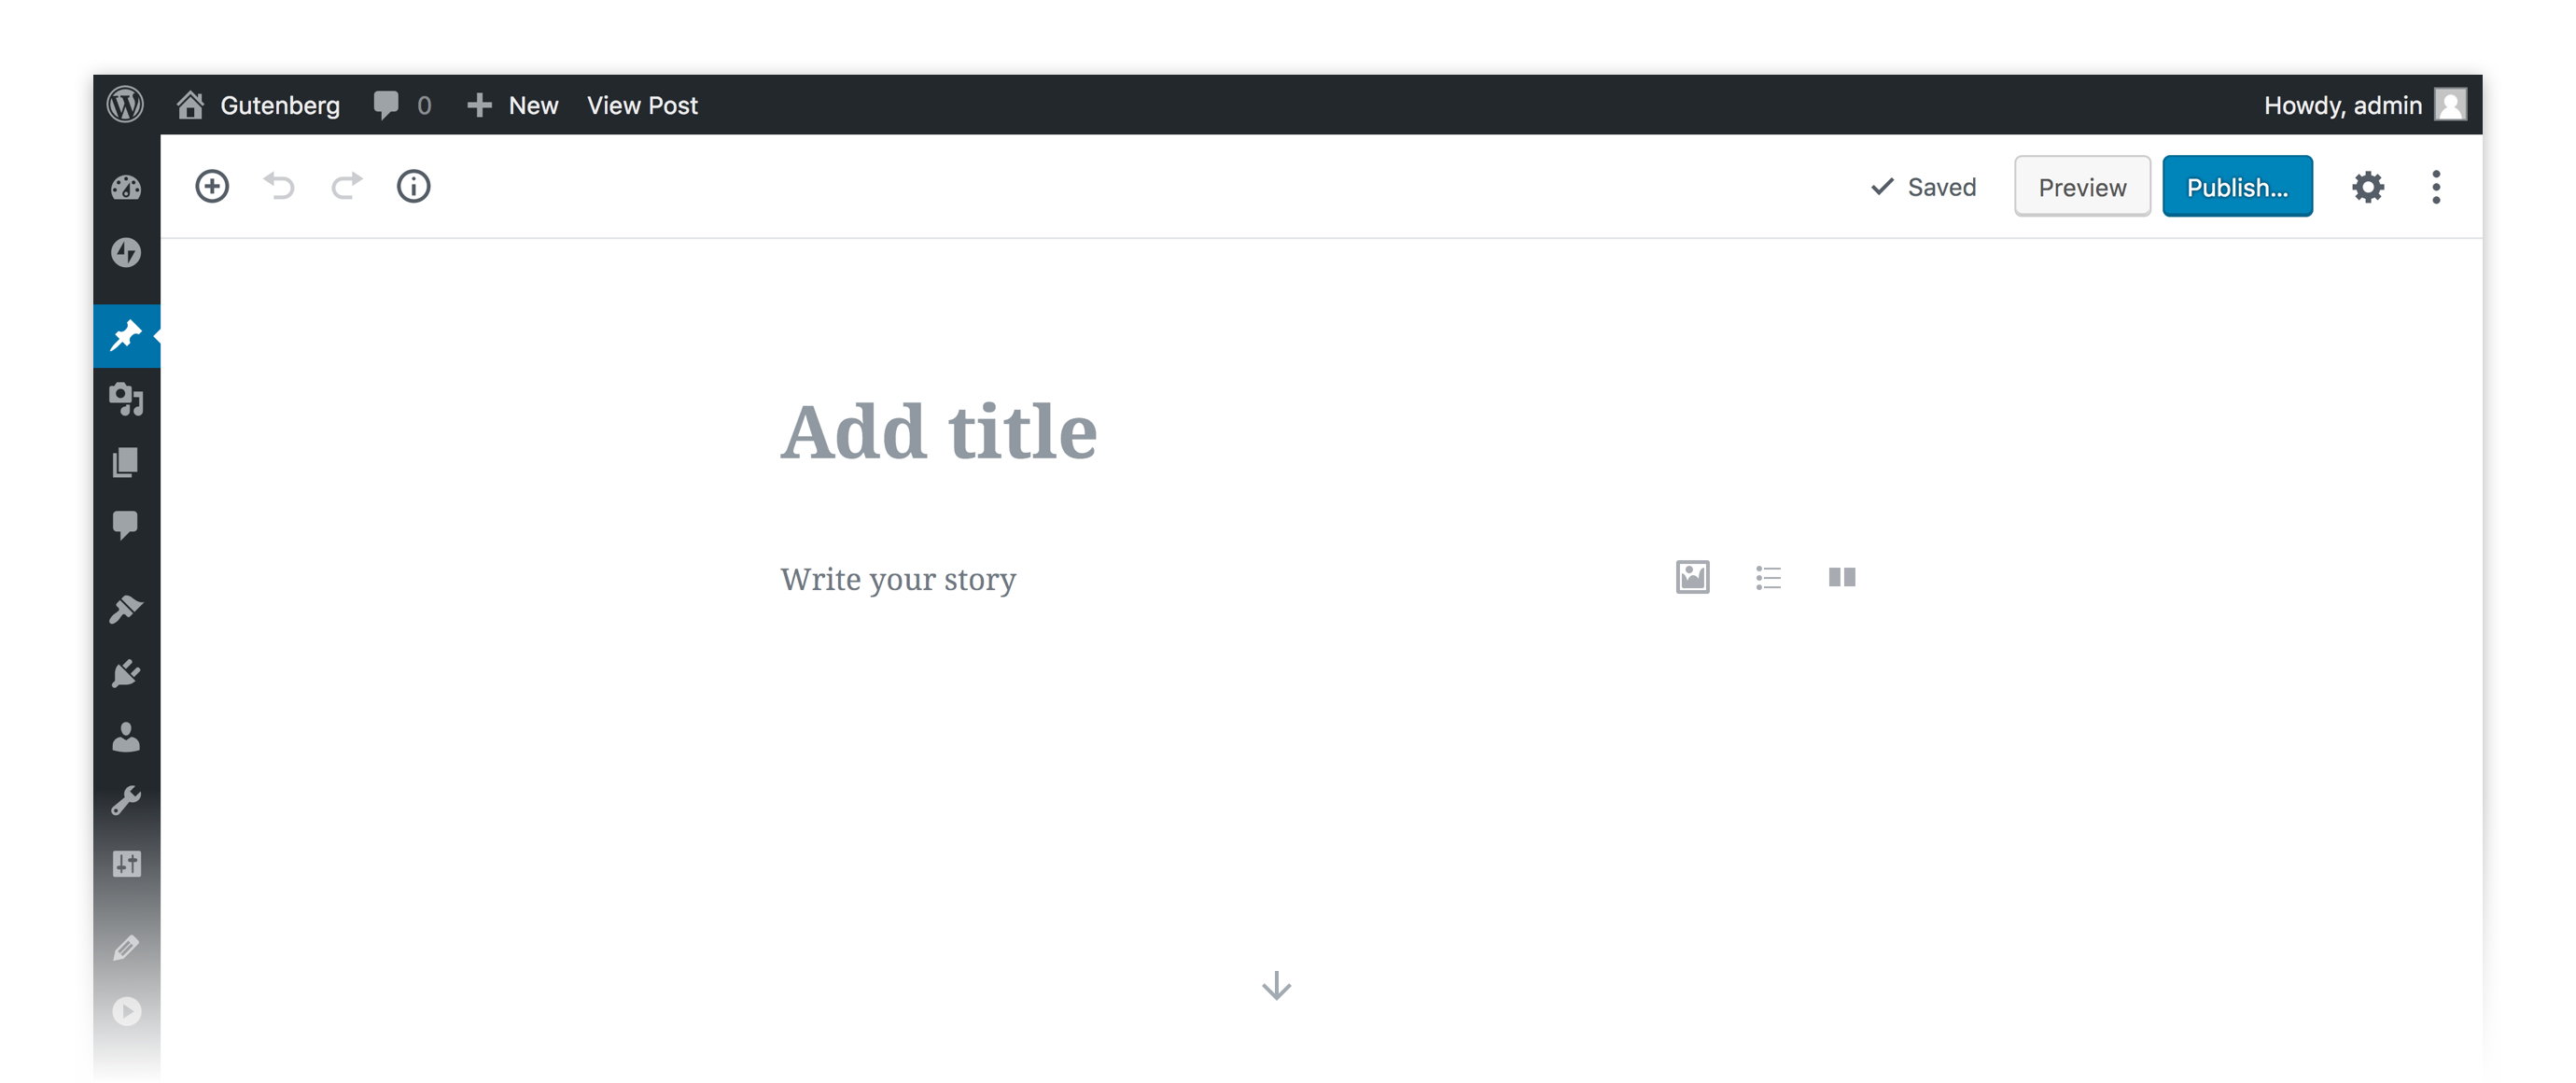 Gutenberg Screenshot